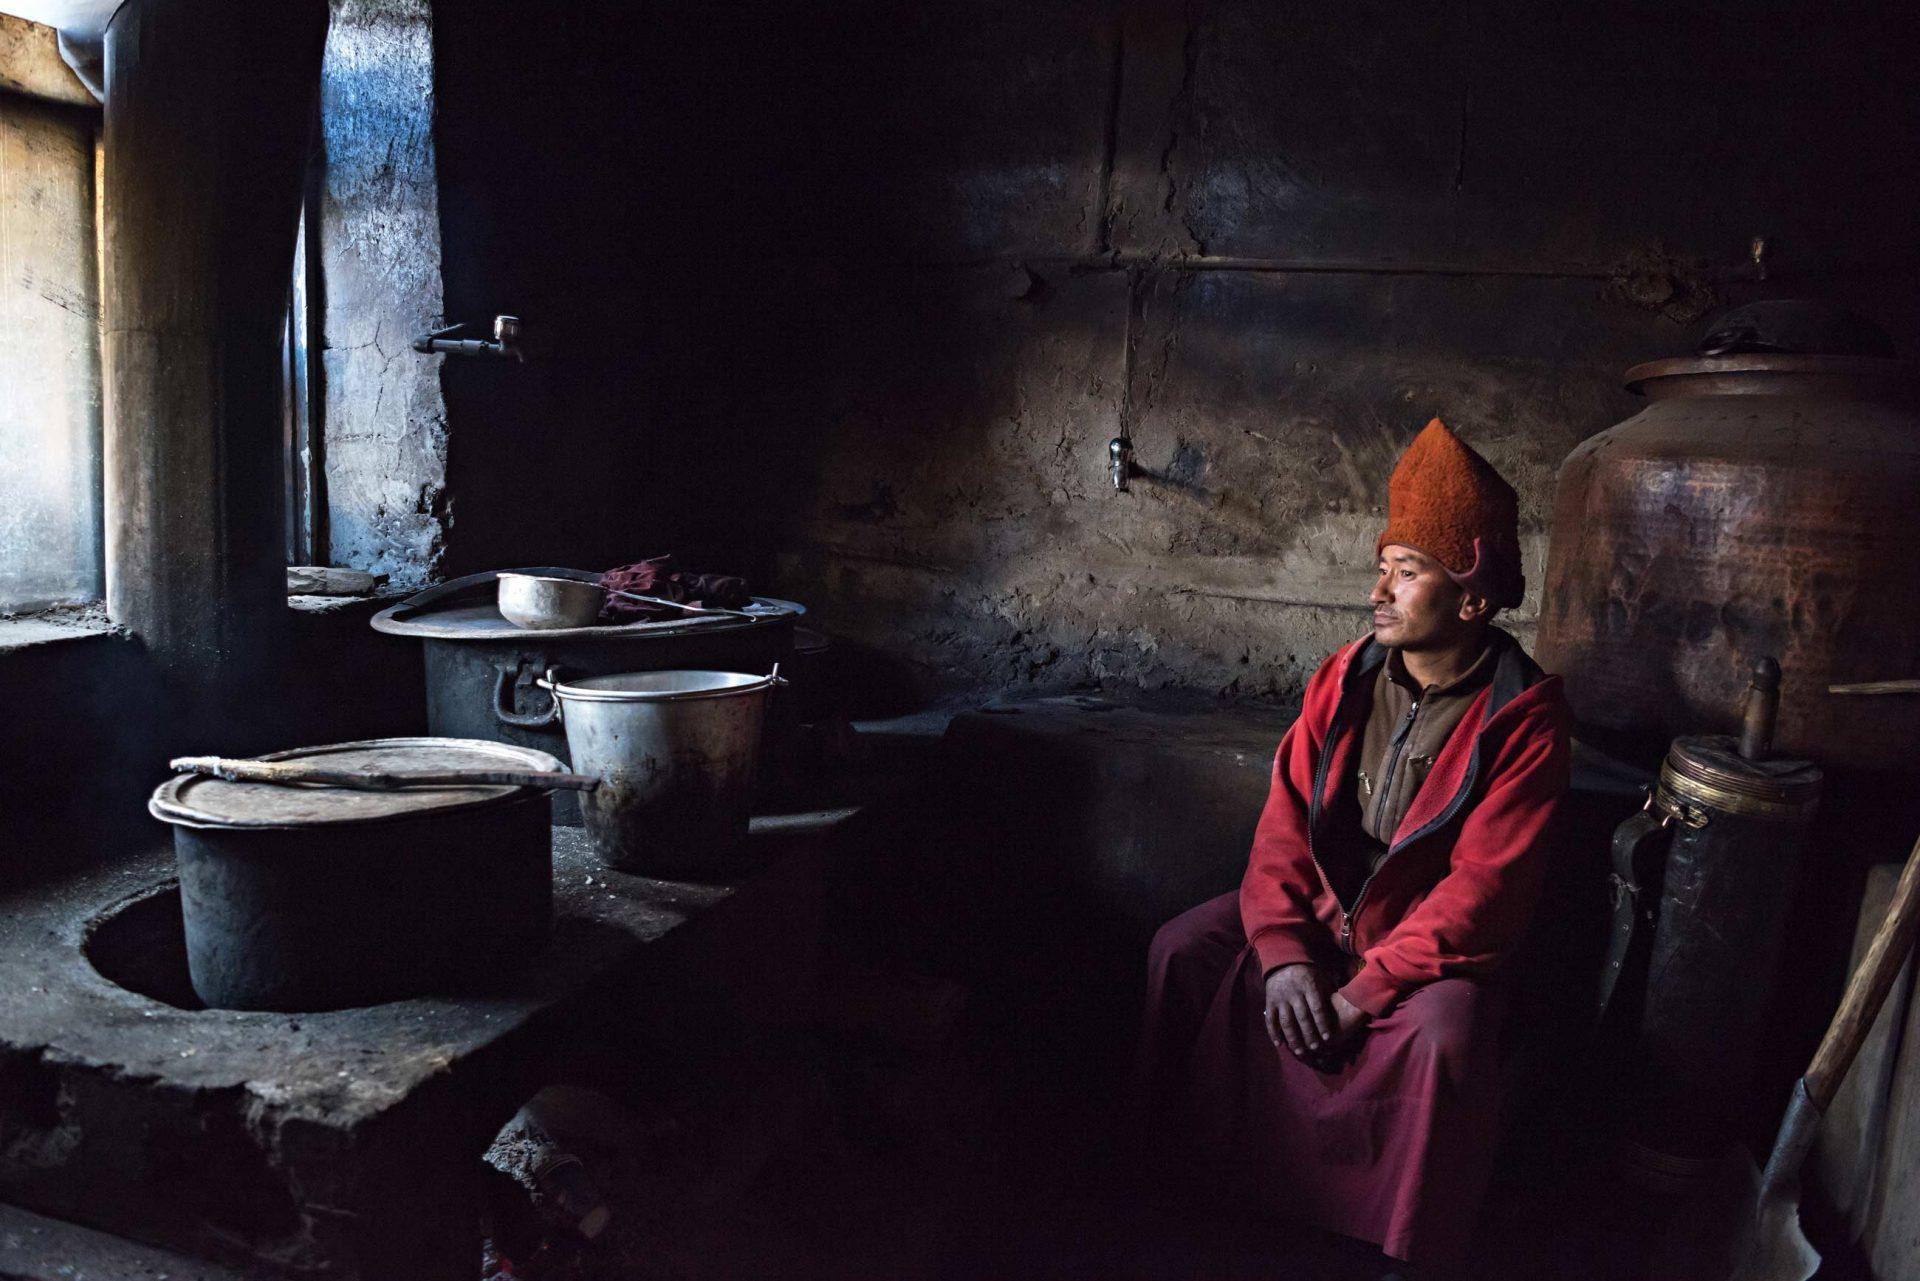 Questo scatto racconta la vita in un monastero buddista. Un giovane monaco addetto alla cucina prepara il pranzo per gli altri monaci del monastero